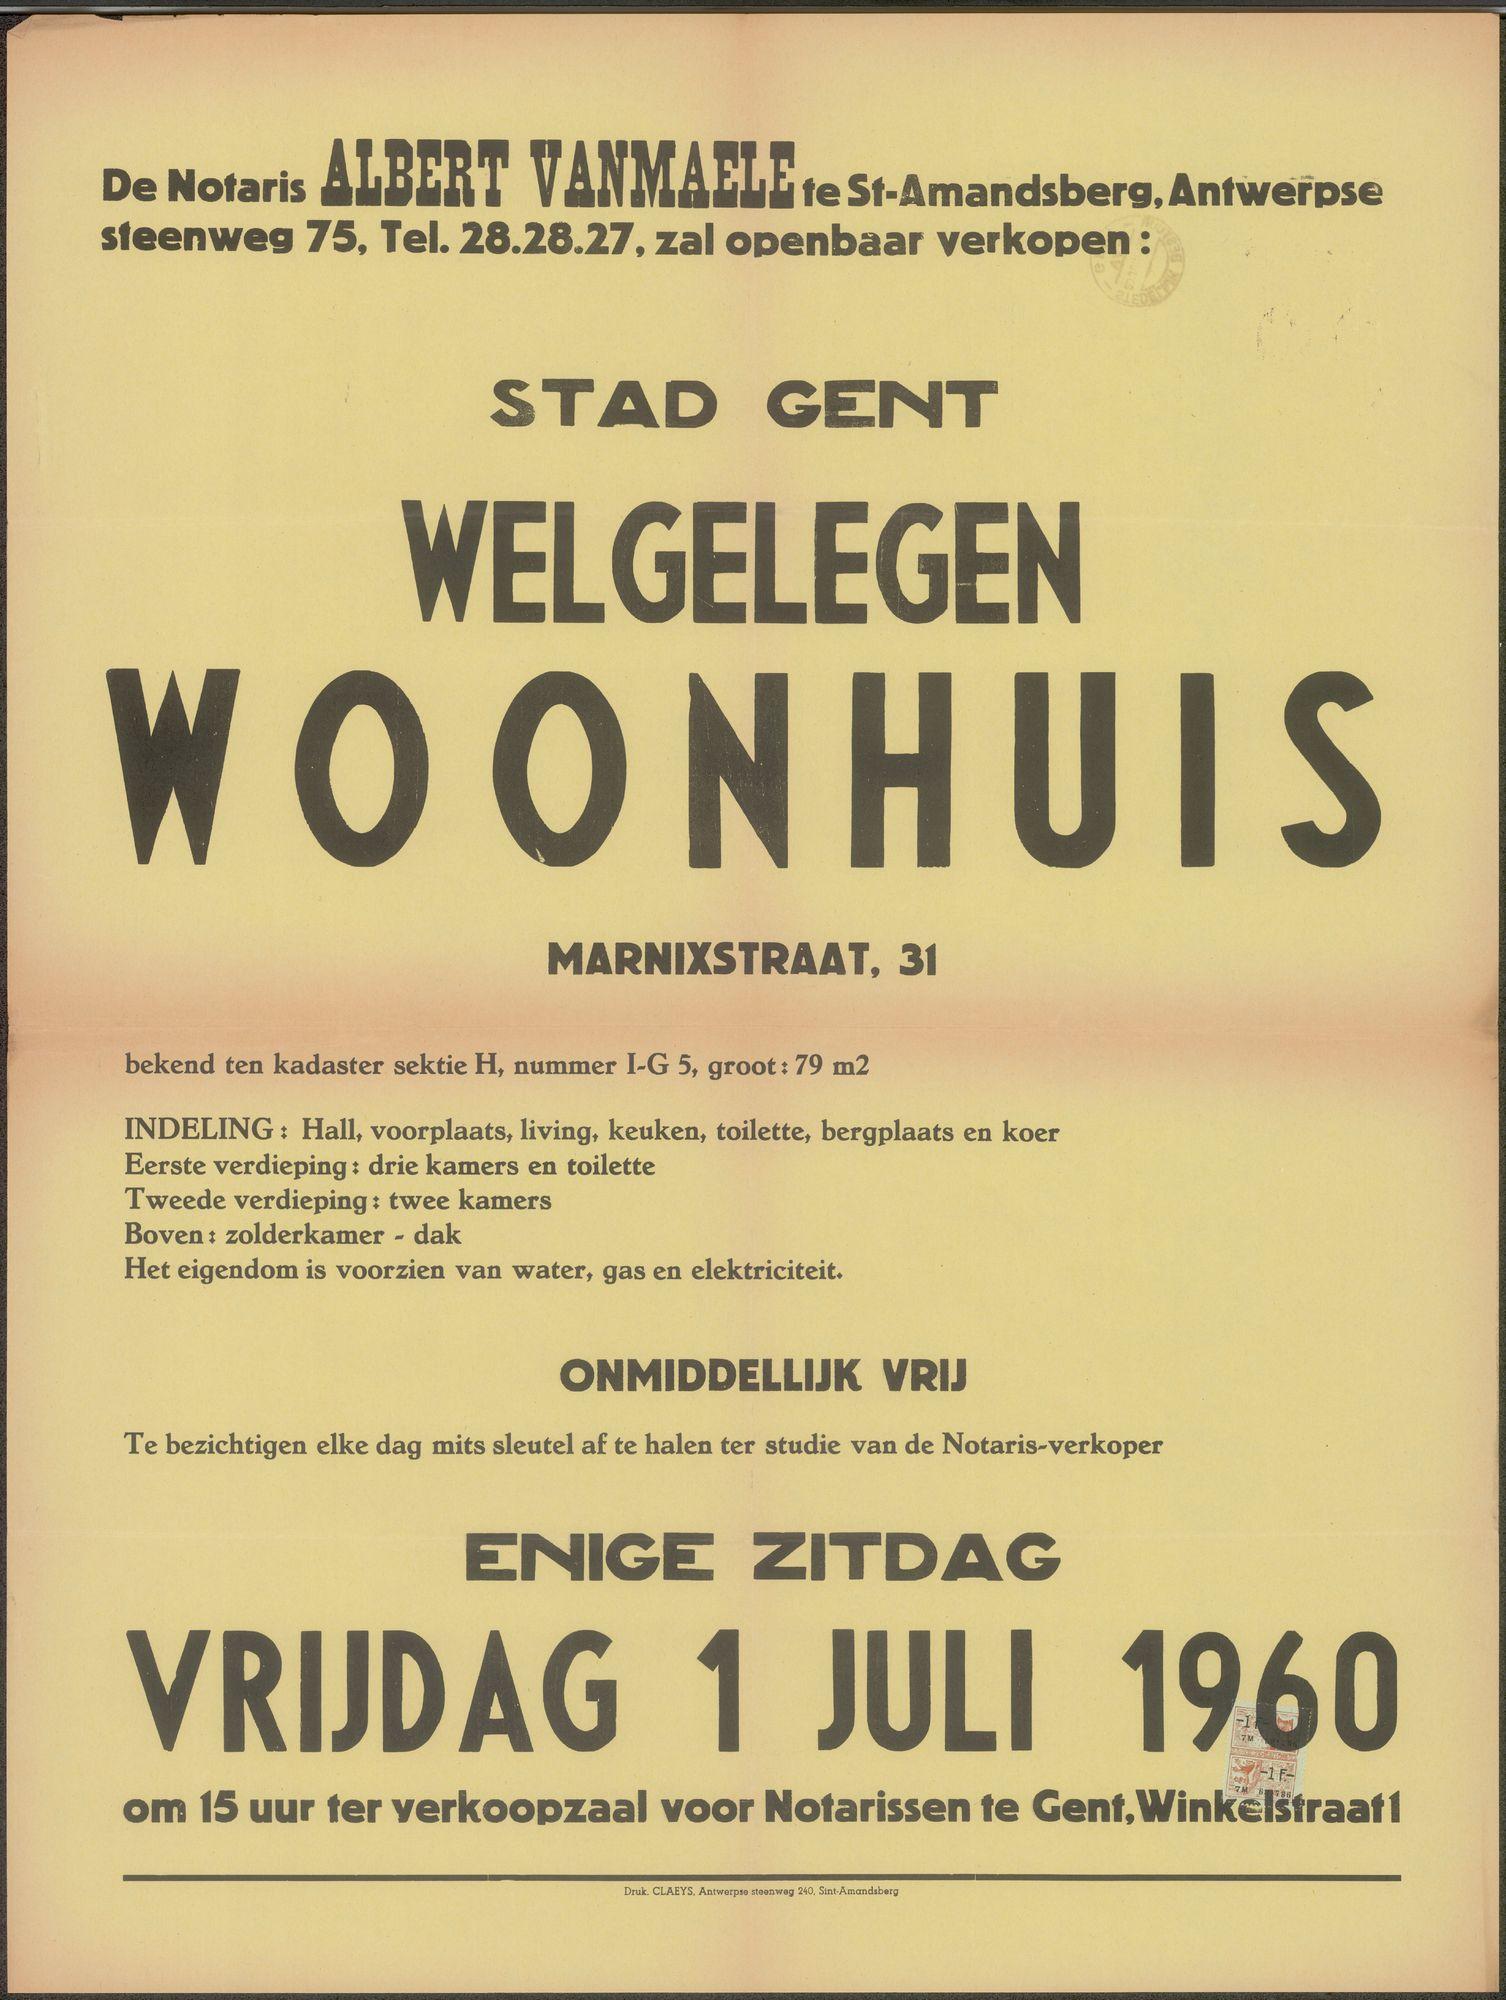 Openbare verkoop van welgelegen woonhuis, Marnixstraat, nr.31, Gent, 1 juli 1960